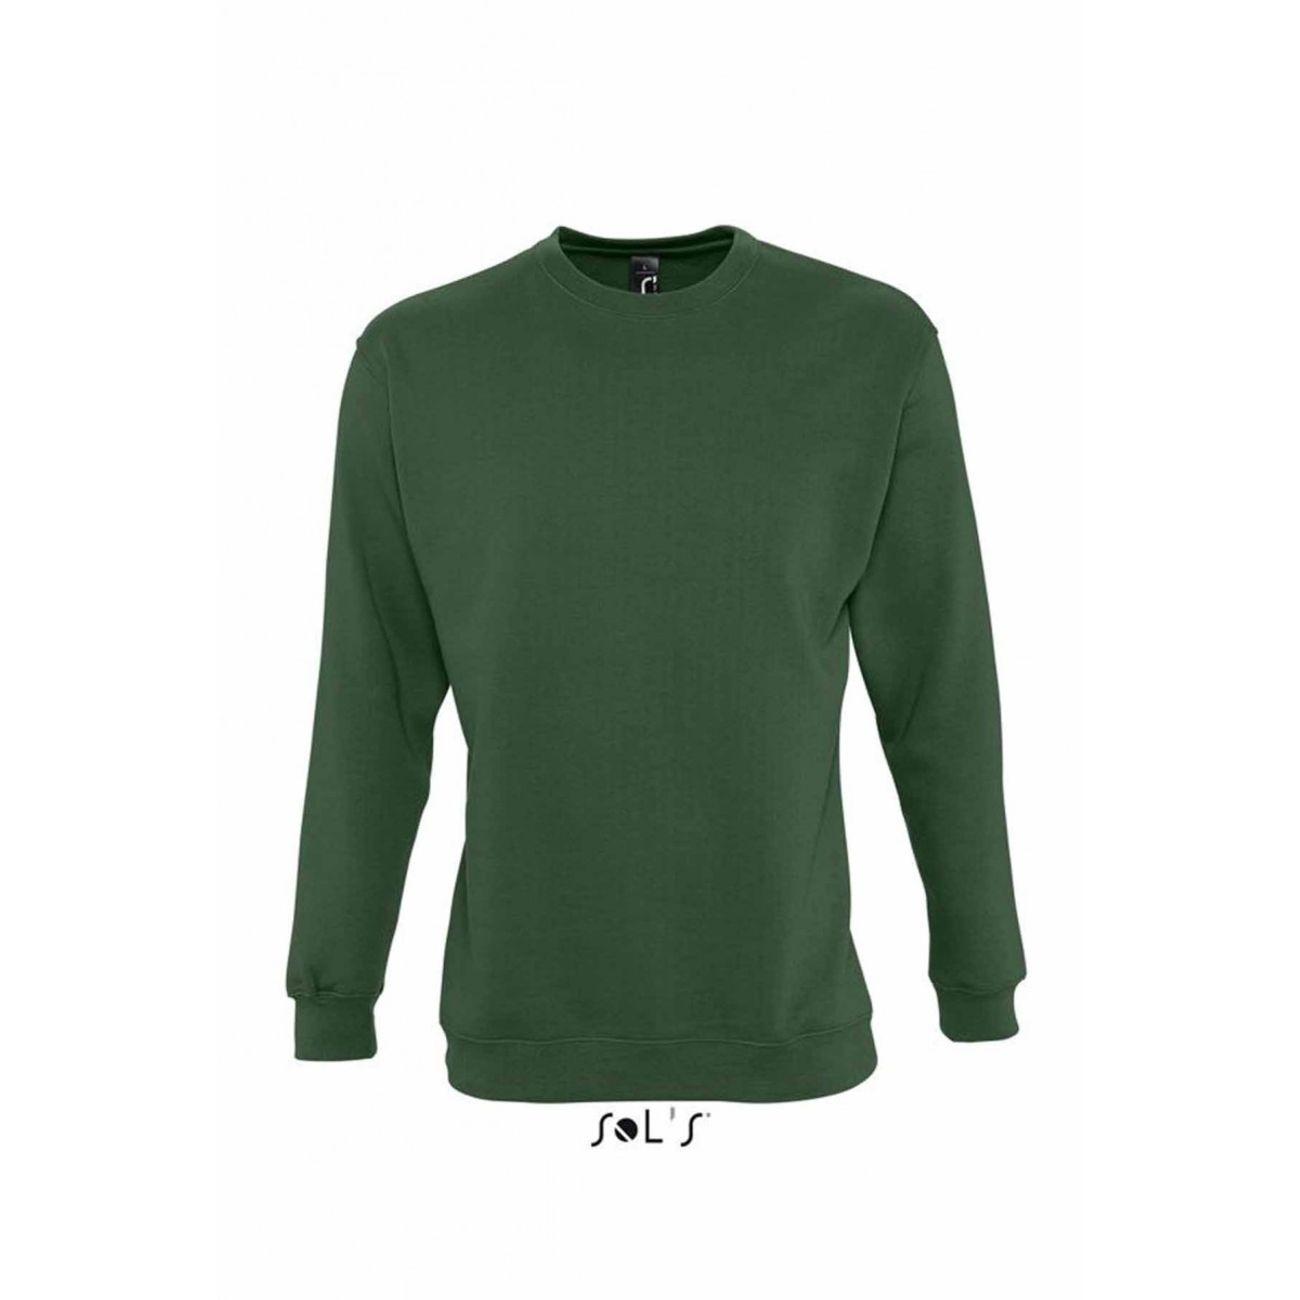 Classique Sweat Bouteille Shirt Vert Homme Sol S ModeLifestyle Unisexe13250 CdxthQsr